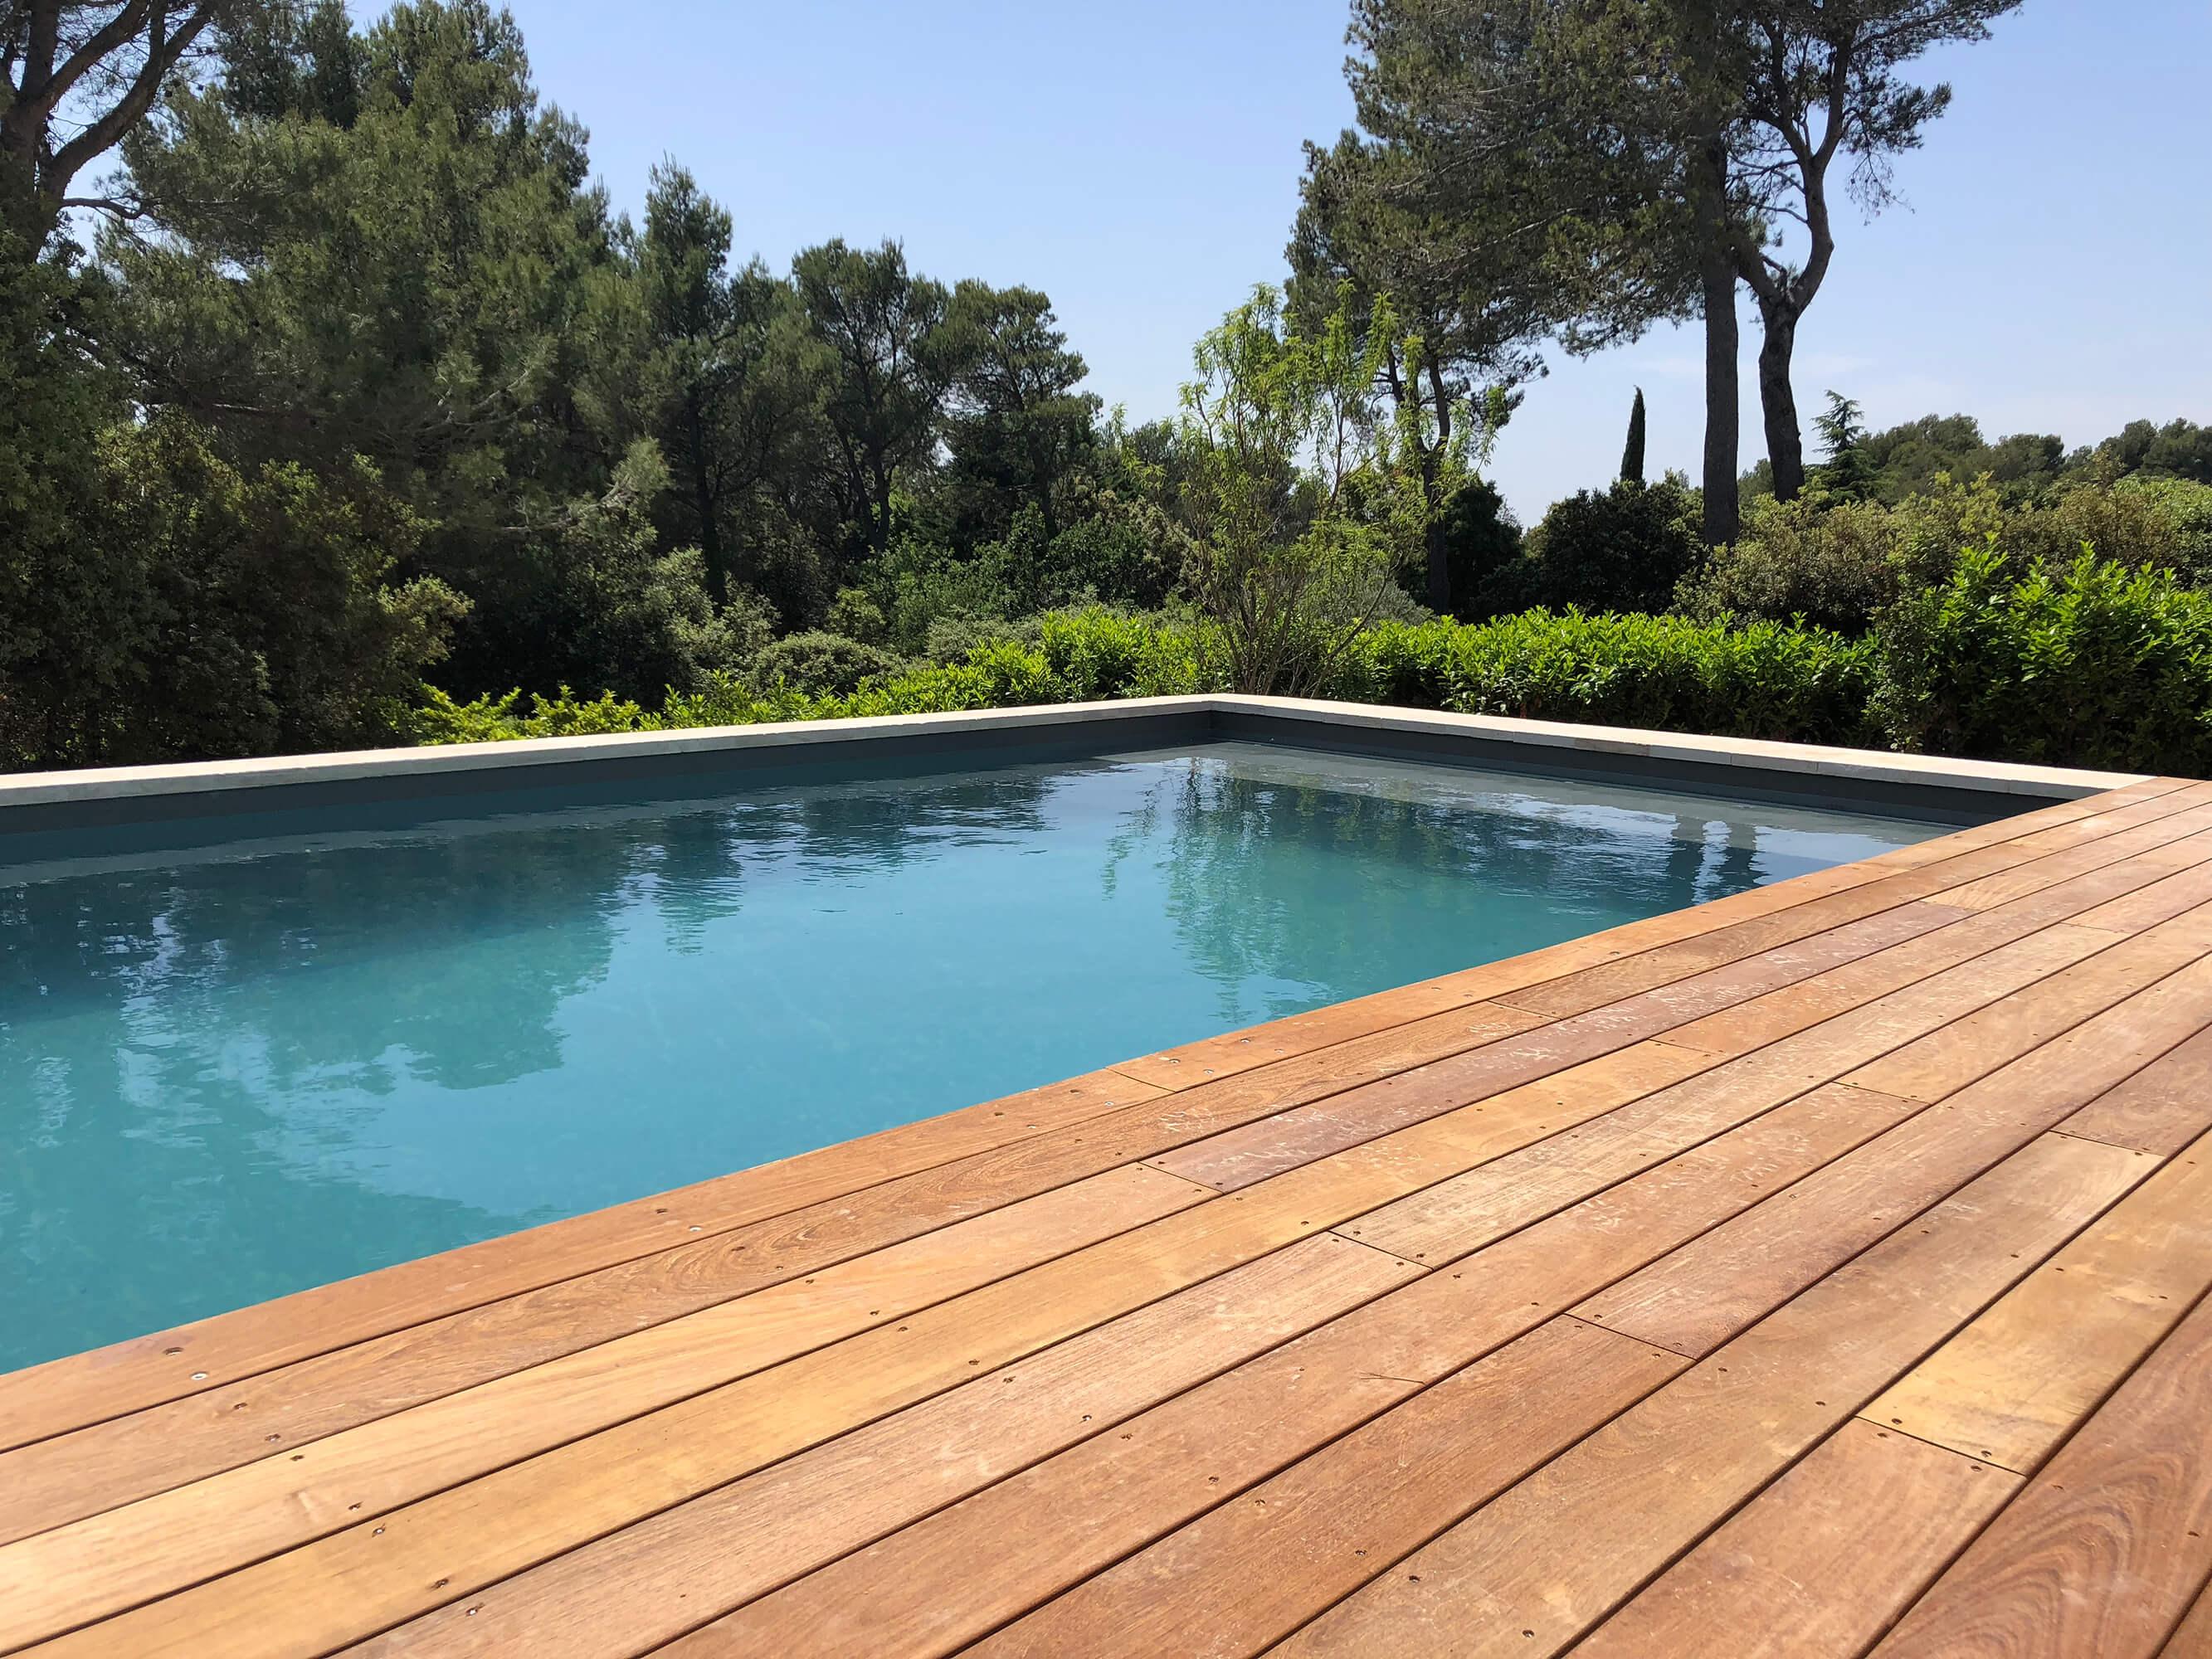 Piscine et terrasse - St Marc Jaumegarde - Espaces Modernes - Paysagisme